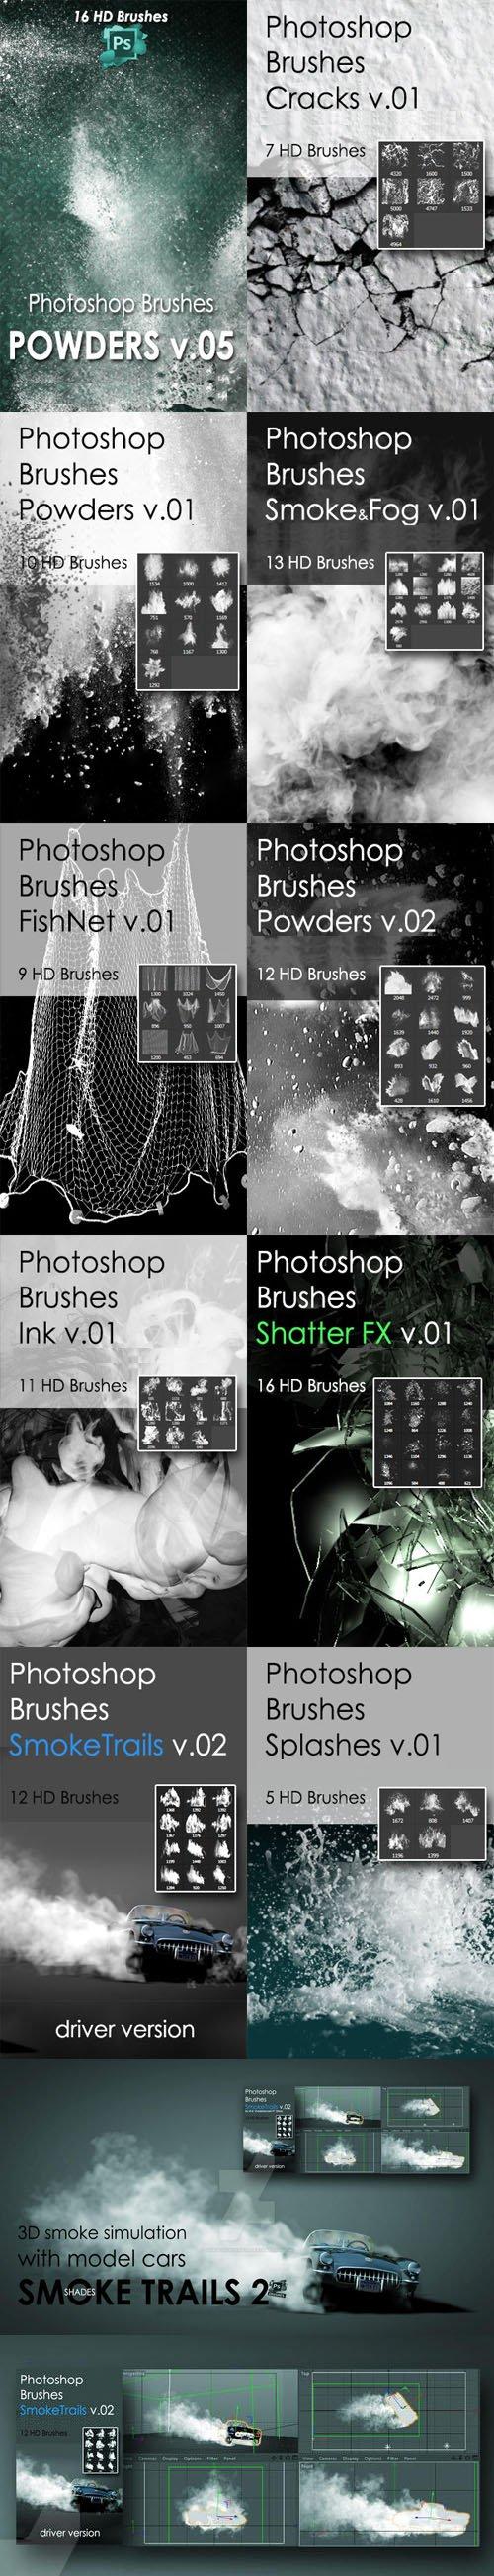 10 Awesome Photoshop Brushes Pack